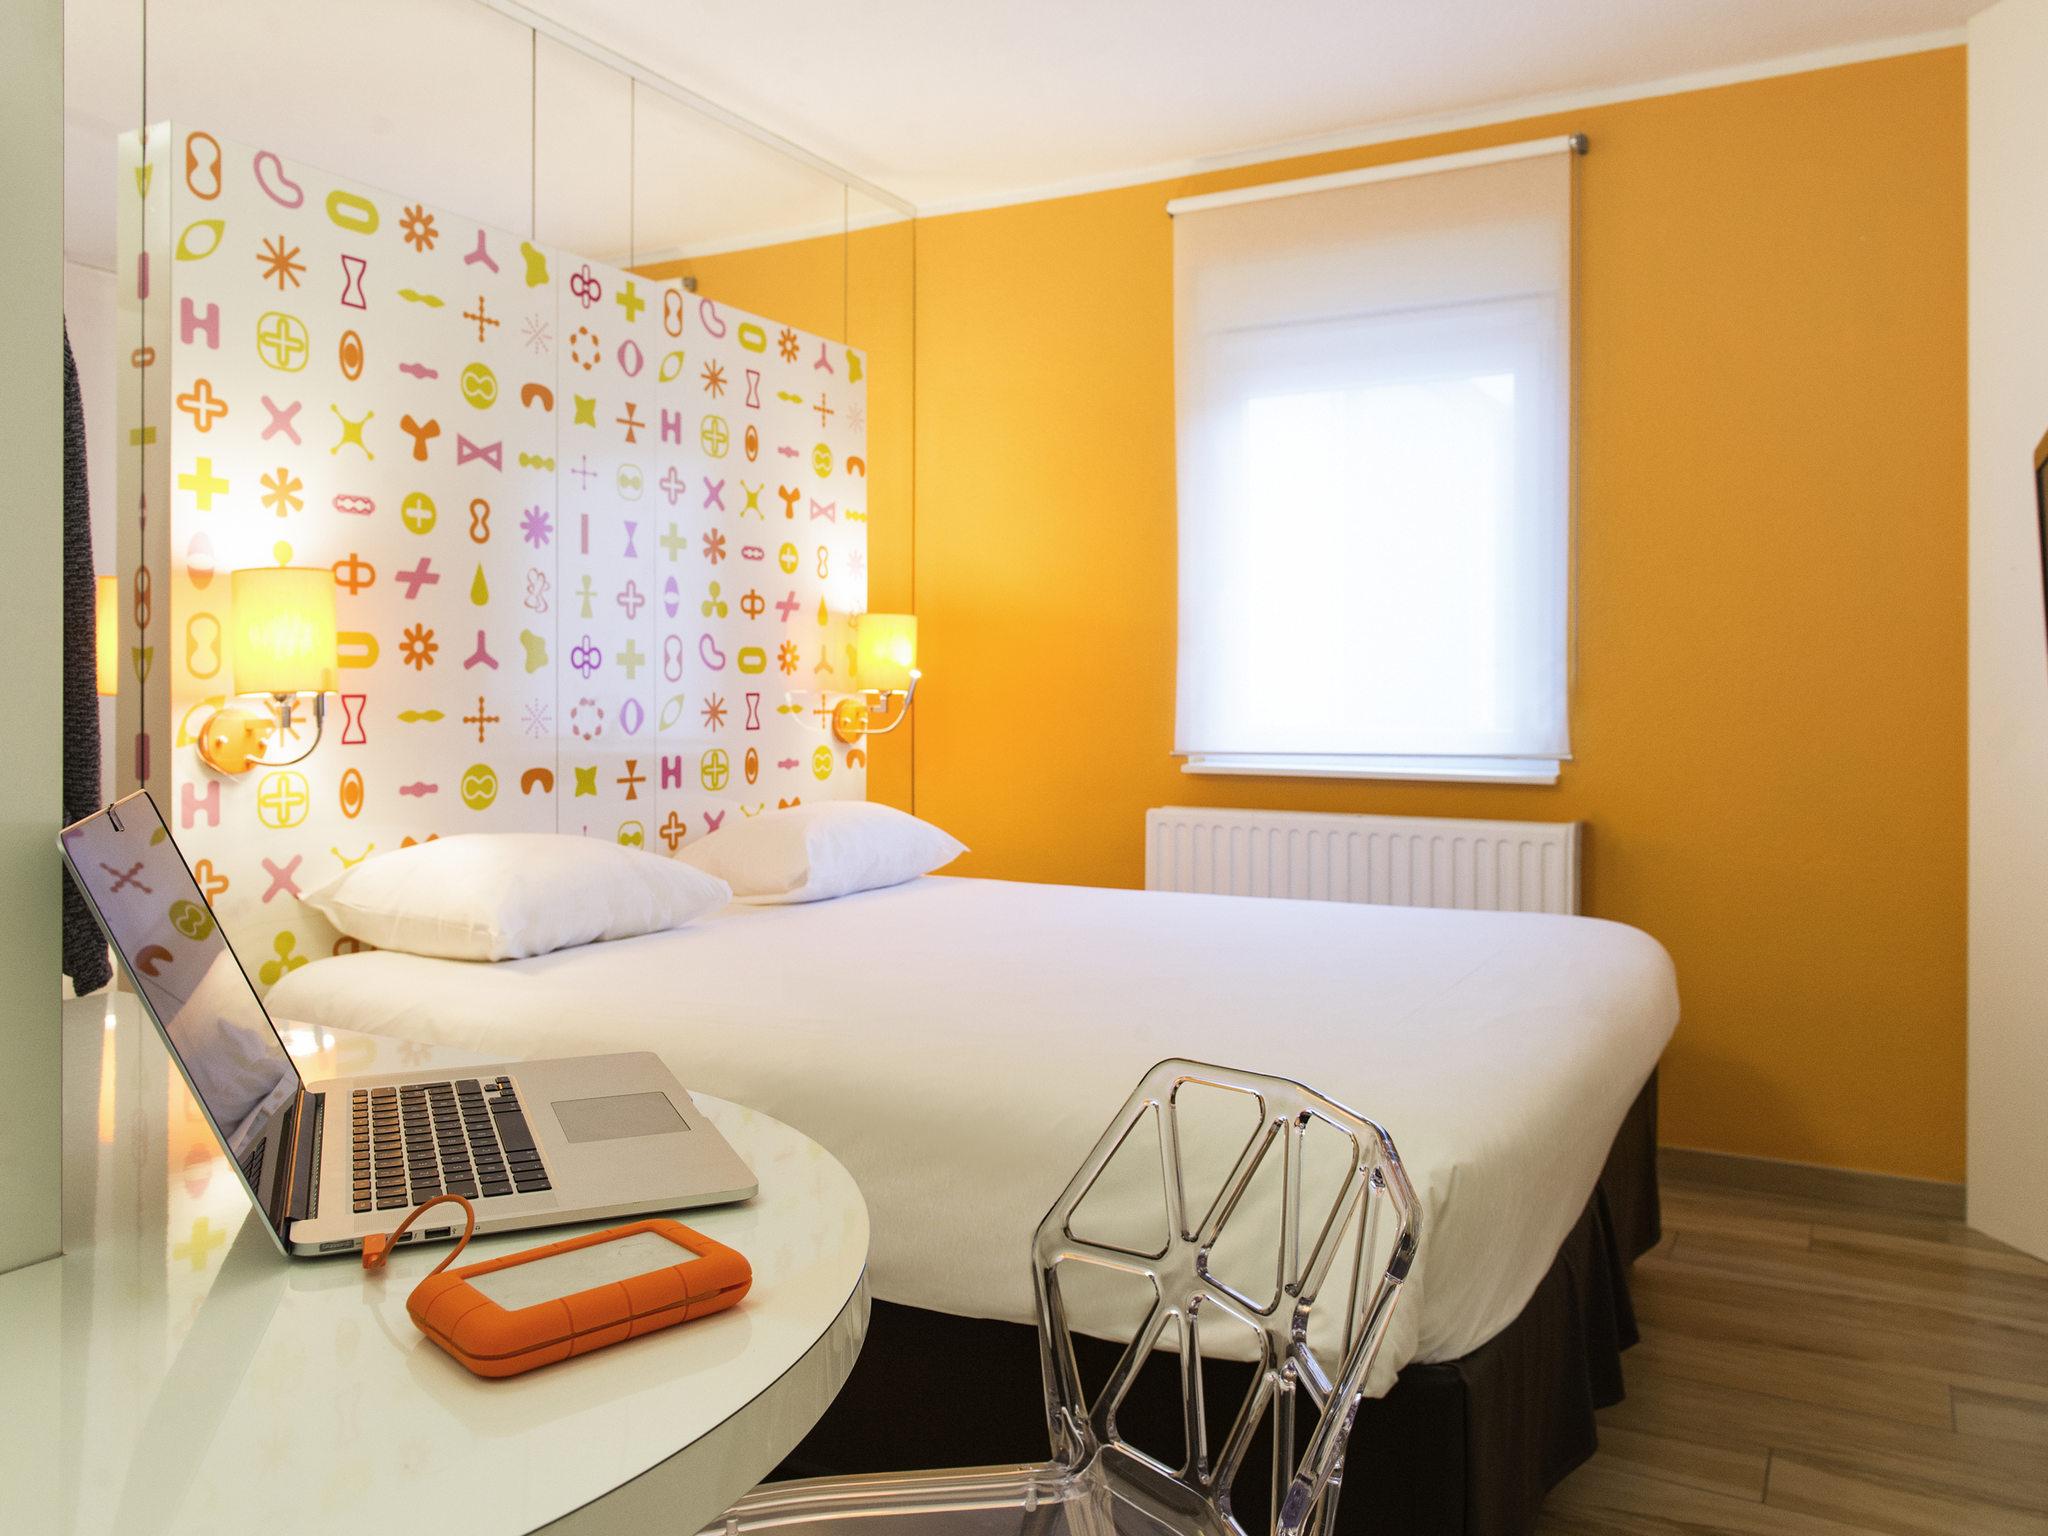 Hotel – Ibis Styles La Louviere